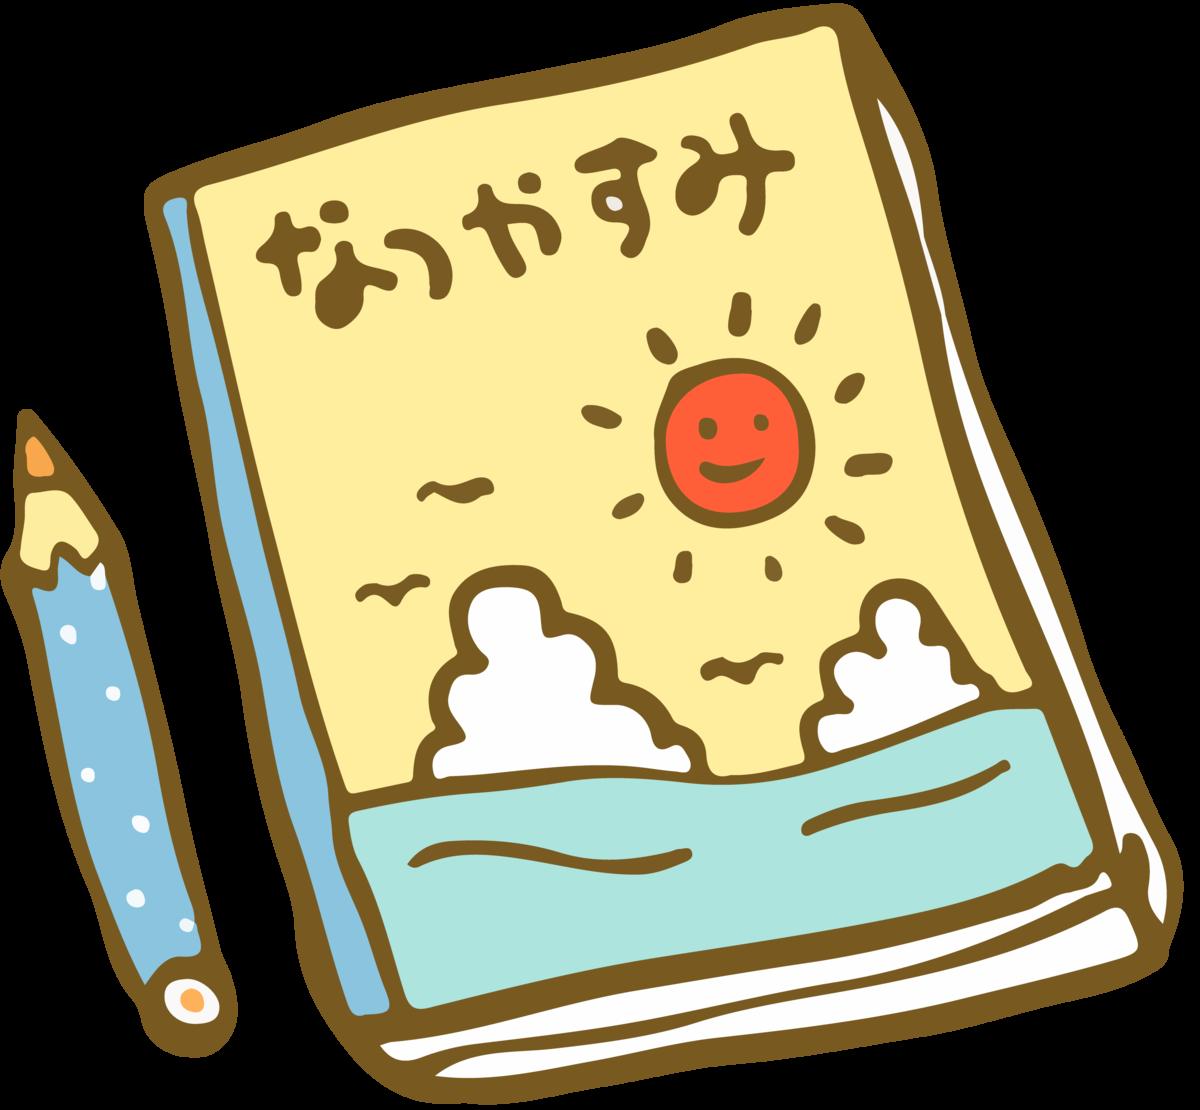 f:id:oyaku-dachi:20200717212502p:plain